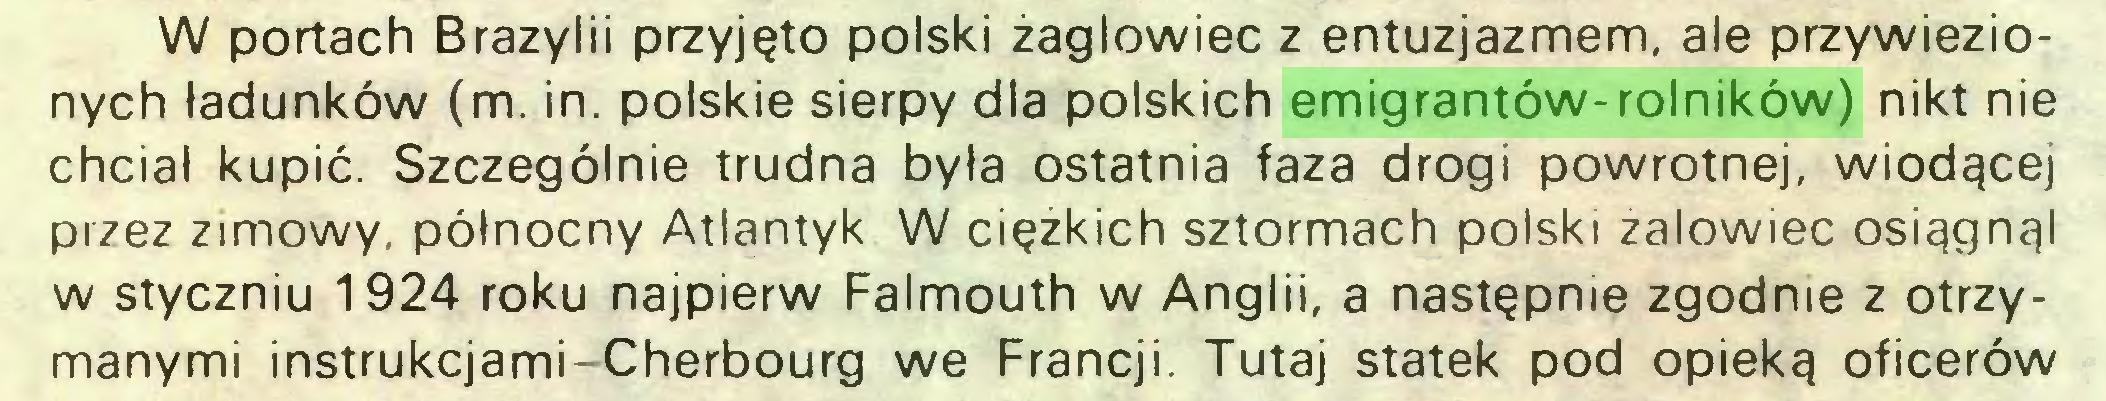 (...) W portach Brazylii przyjęto polski żaglowiec z entuzjazmem, ale przywiezionych ładunków (m. in. polskie sierpy dla polskich emigrantów-rolników) nikt nie chciał kupić. Szczególnie trudna była ostatnia faza drogi powrotnej, wiodącej przez zimowy, północny Atlantyk W ciężkich sztormach polski zalowiec osiągnął w styczniu 1924 roku najpierw Falmouth w Anglii, a następnie zgodnie z otrzymanymi instrukcjami-Cherbourg we Francji. Tutaj statek pod opieką oficerów...